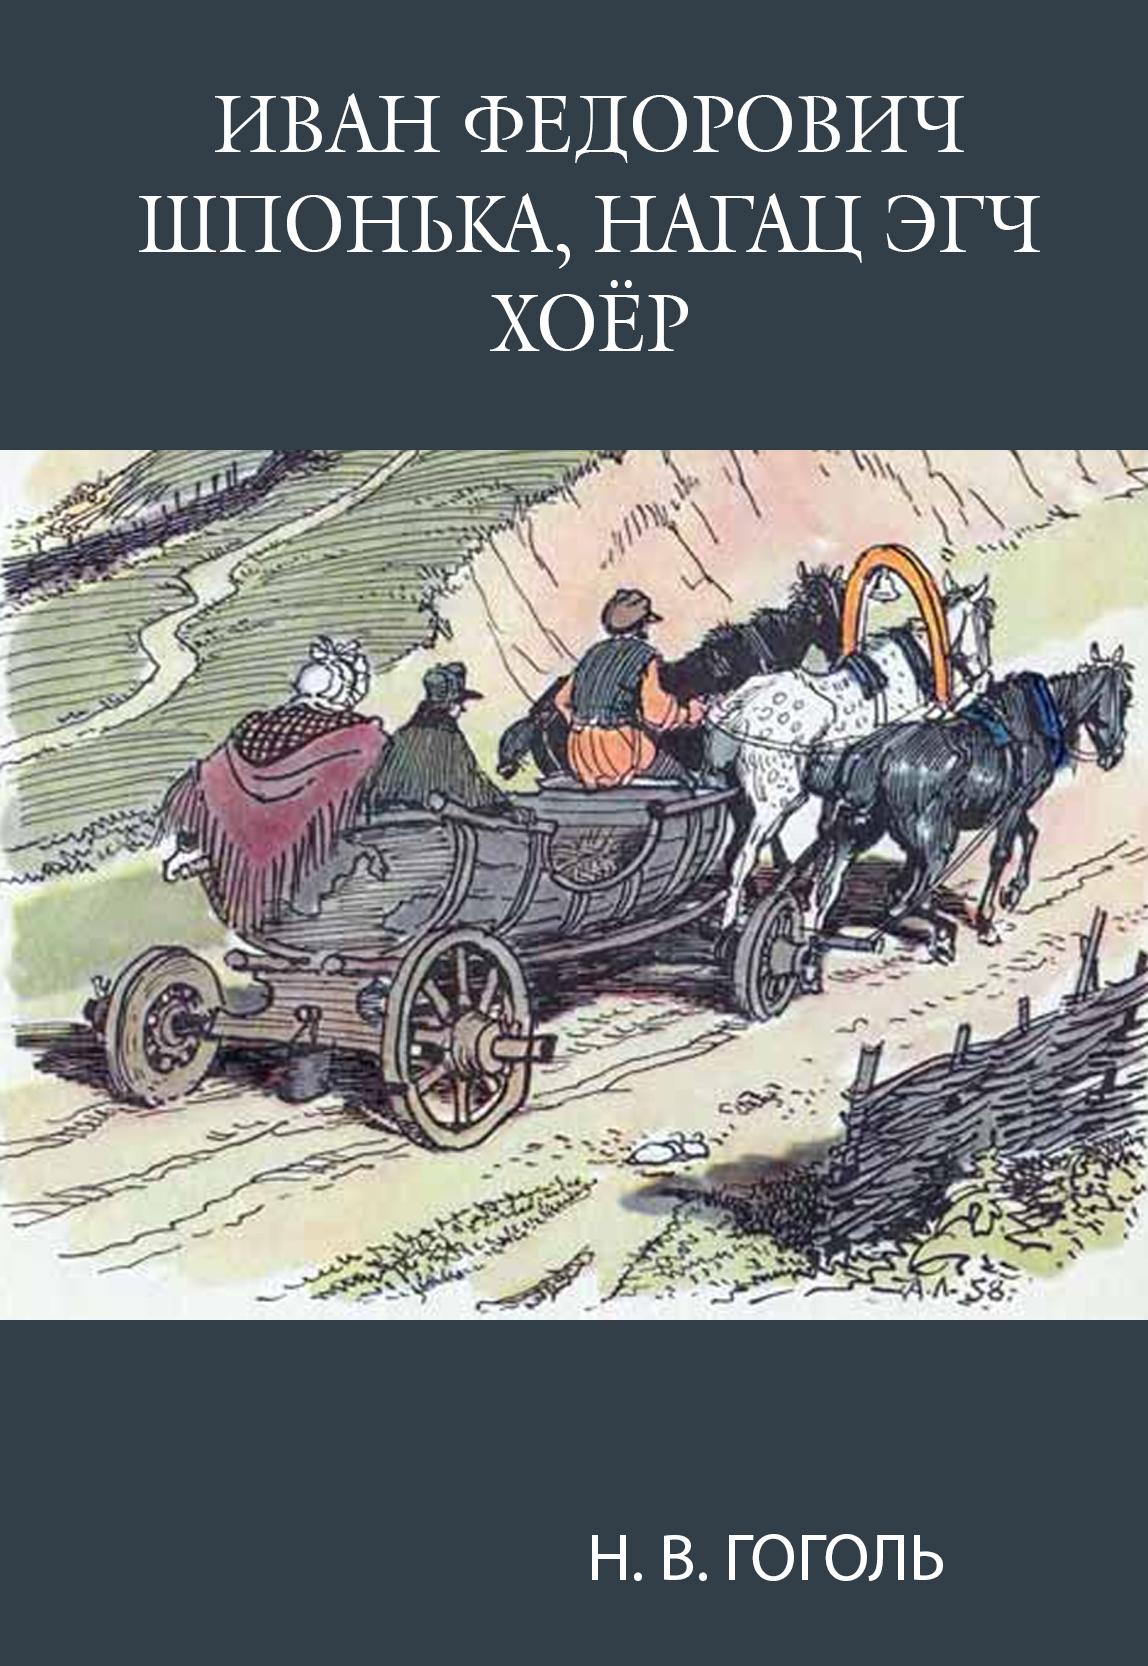 ИВАН ФЕДОРОВИЧ ШПОНЬКА, НАГАЦ ЭГЧ ХОЁР